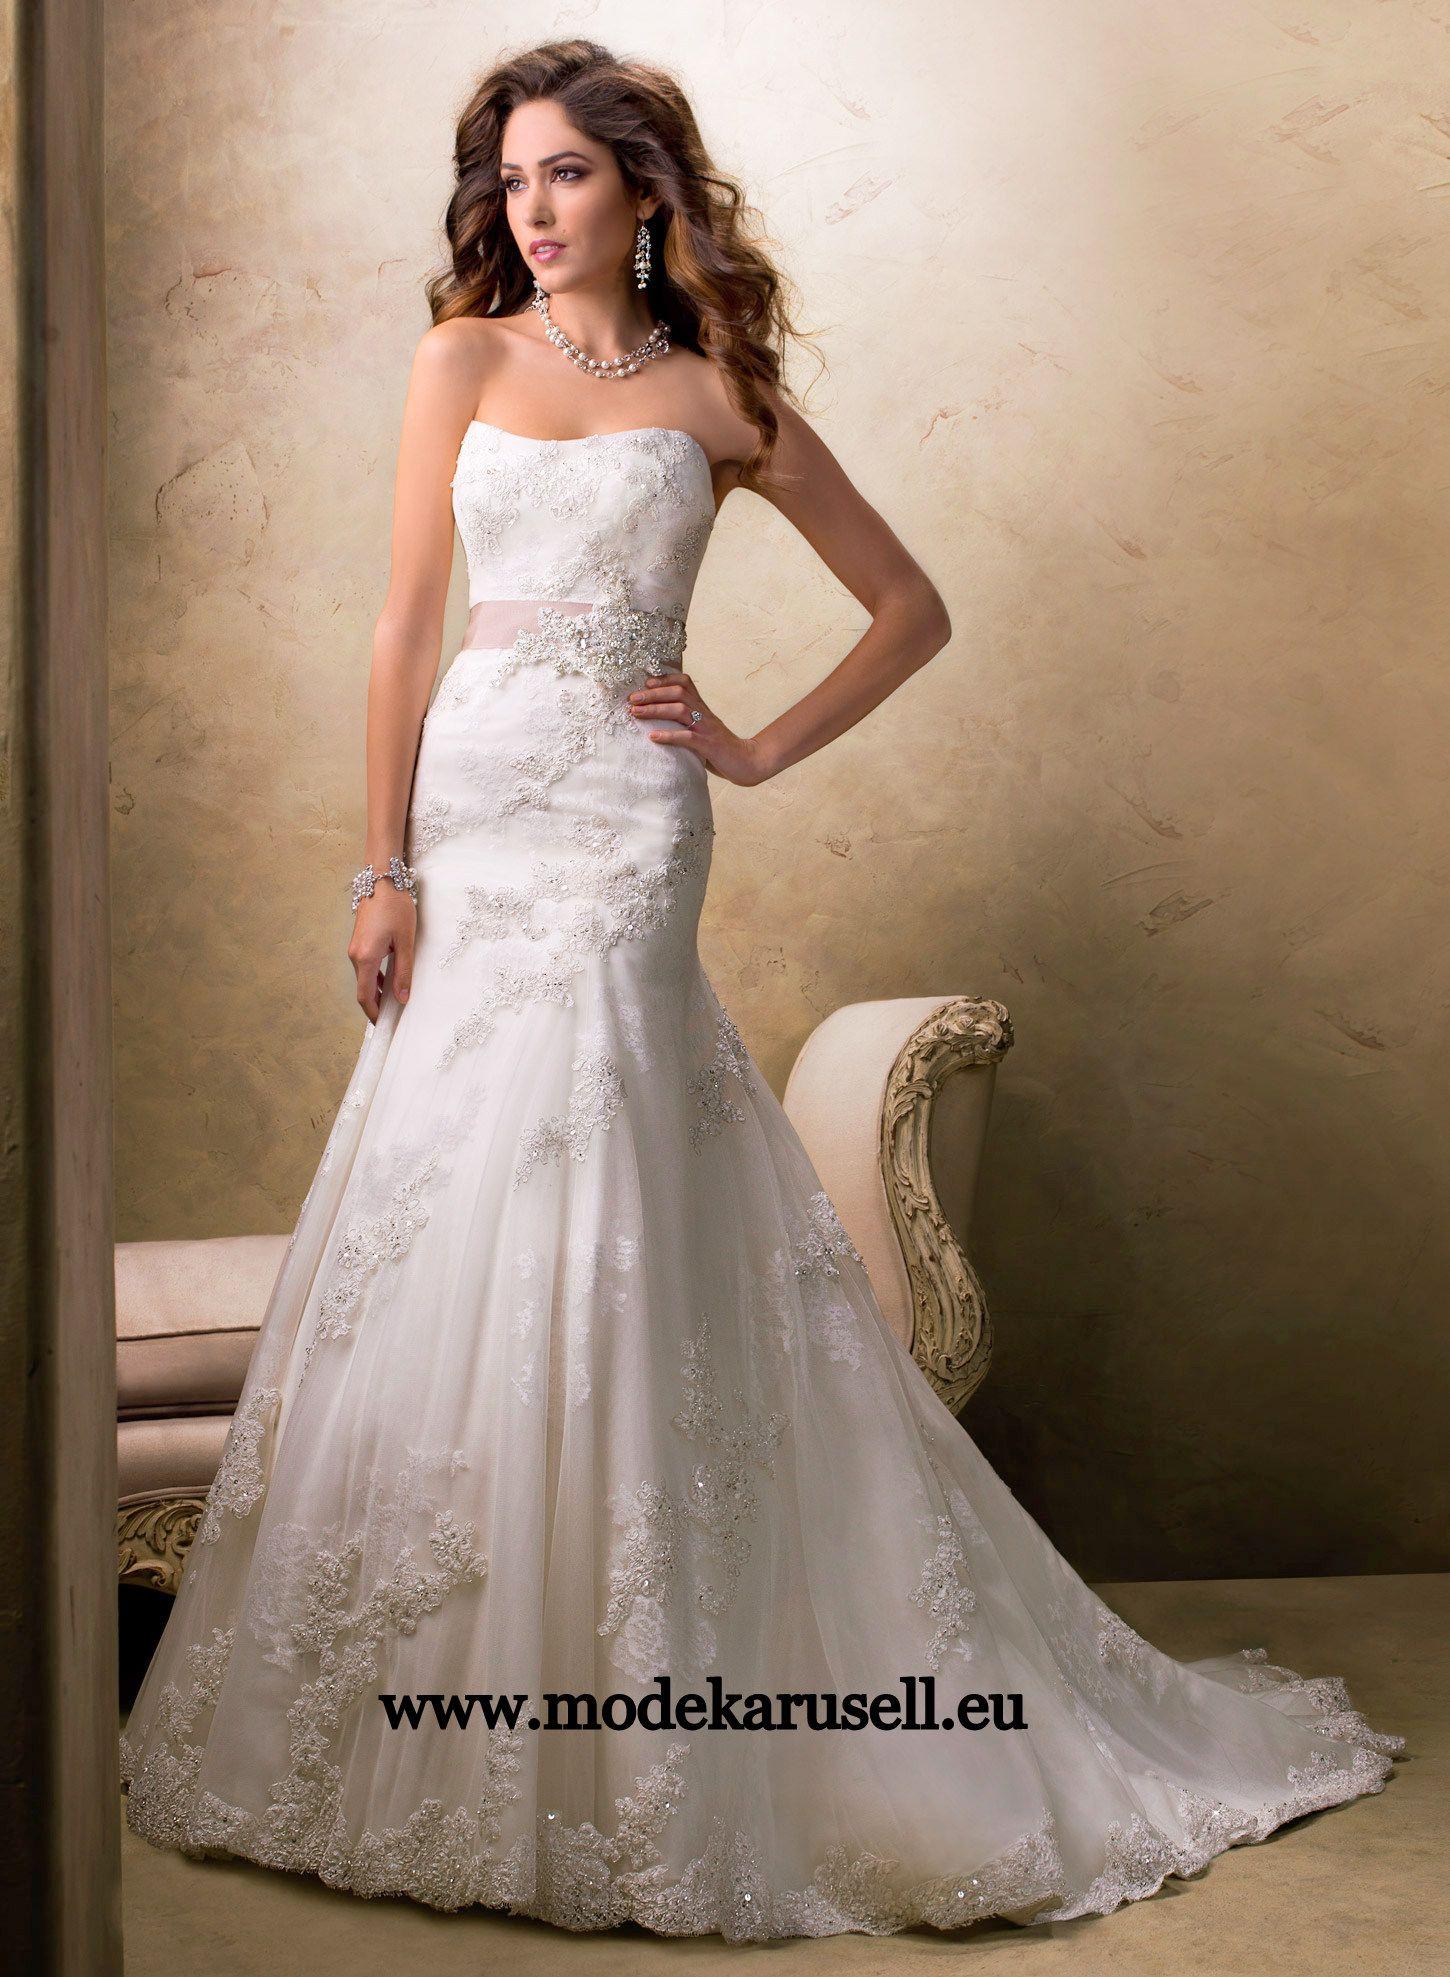 Weisses Brautkleid mit Schärpe www.modekarusell.eu | Wedding Gowns ...